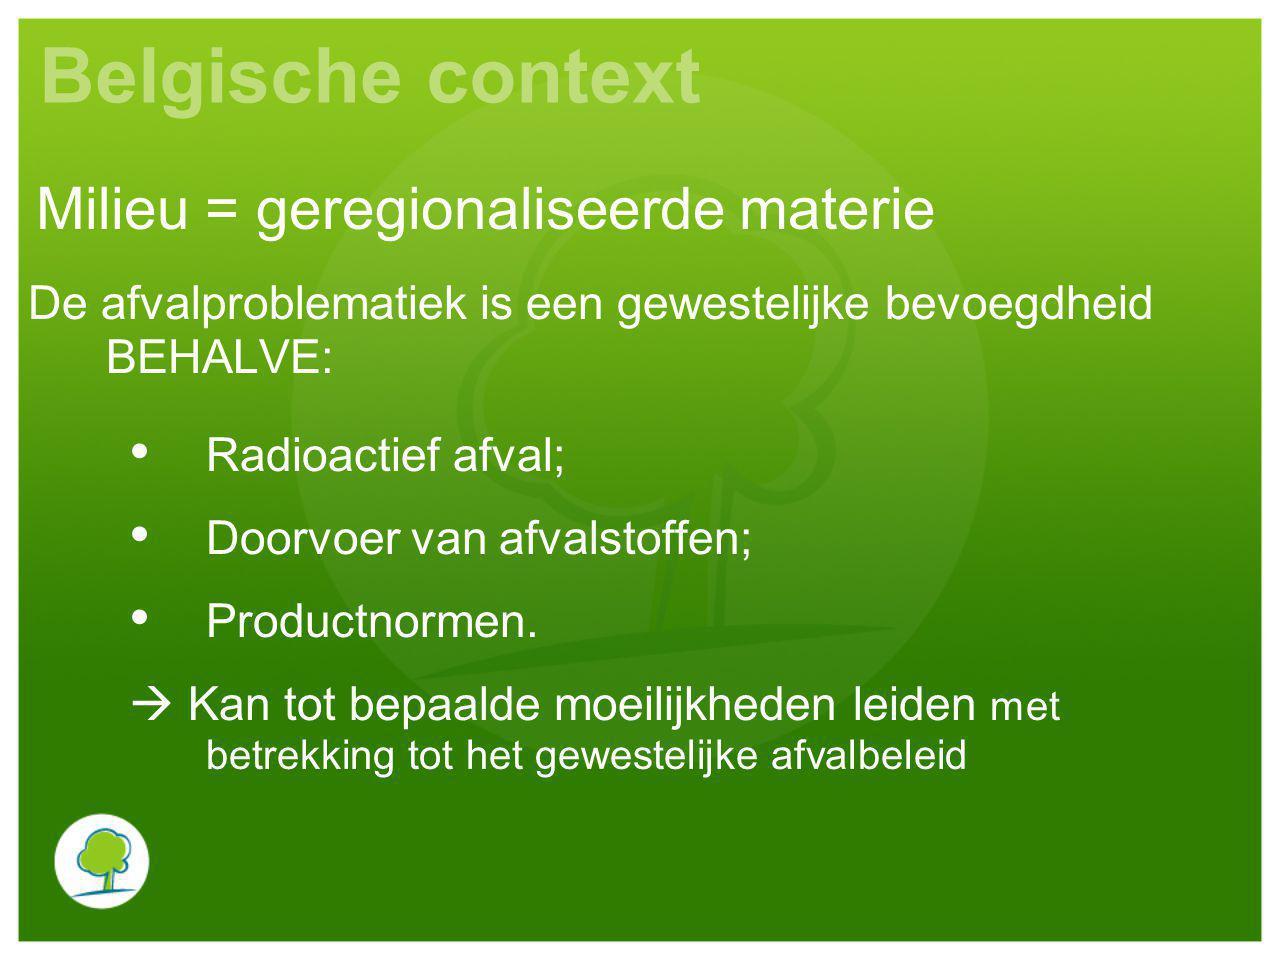 Belgische context De afvalproblematiek is een gewestelijke bevoegdheid BEHALVE: Radioactief afval; Doorvoer van afvalstoffen; Productnormen.  Kan tot